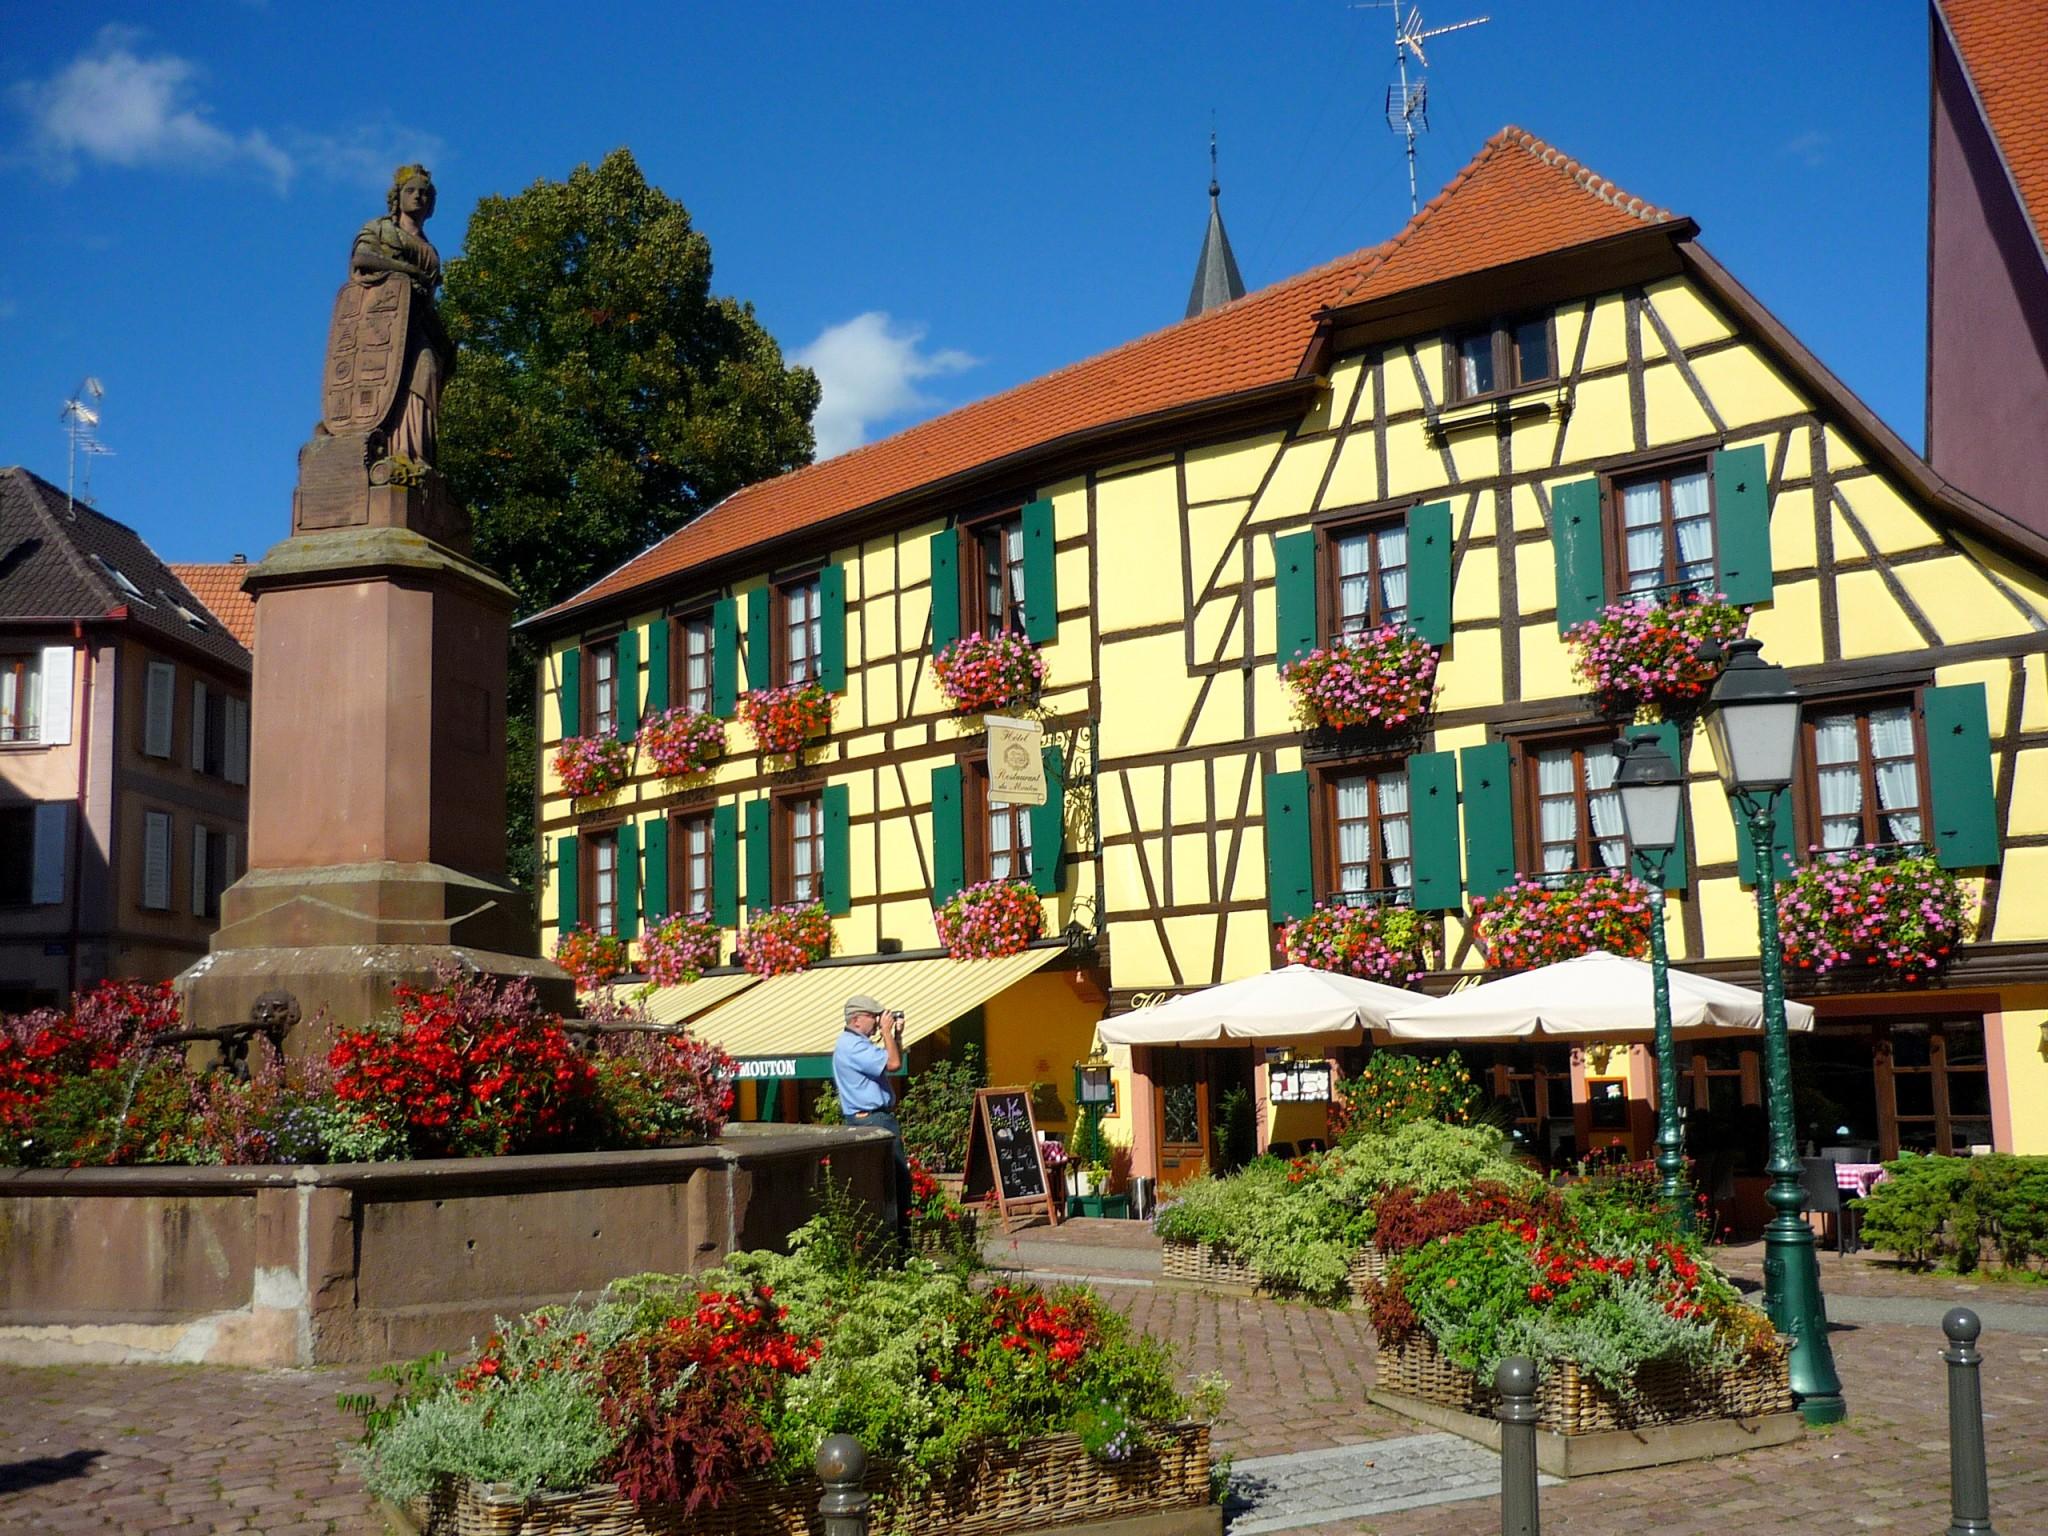 Place de la Sinn, Ribeauvillé © French Moments